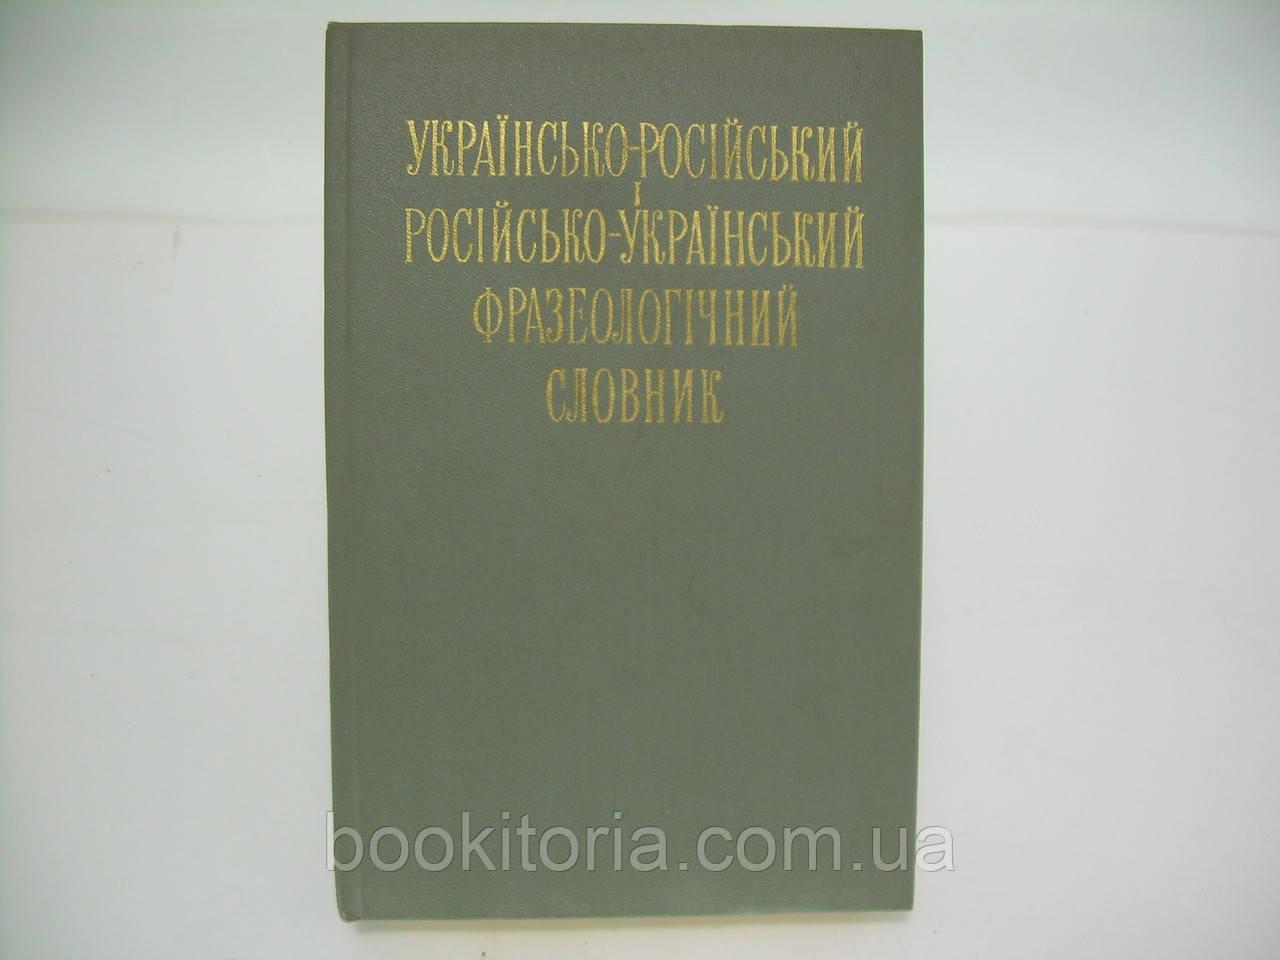 Українсько-російський і російсько-український фразеологічний словник (б/у).